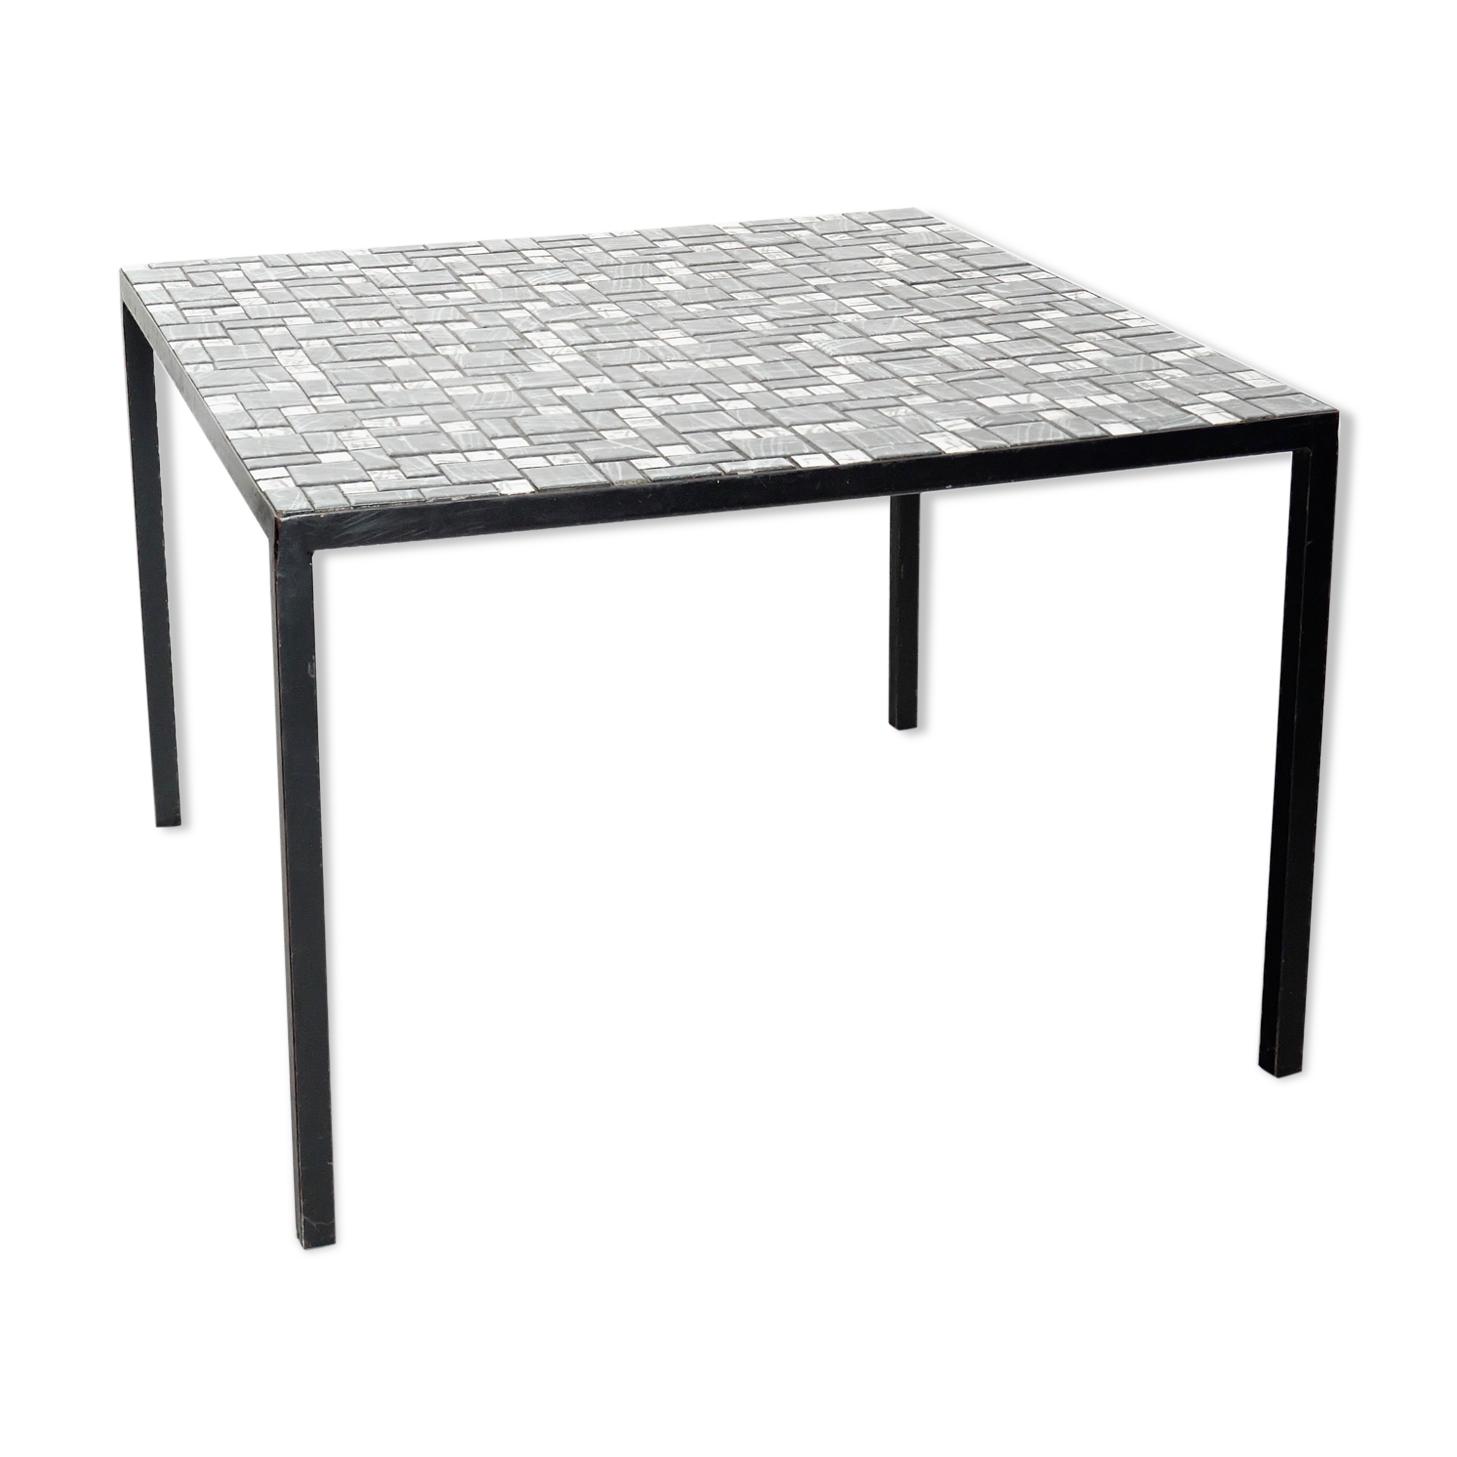 Bout de canapé en mosaïque noir et blanc vintage